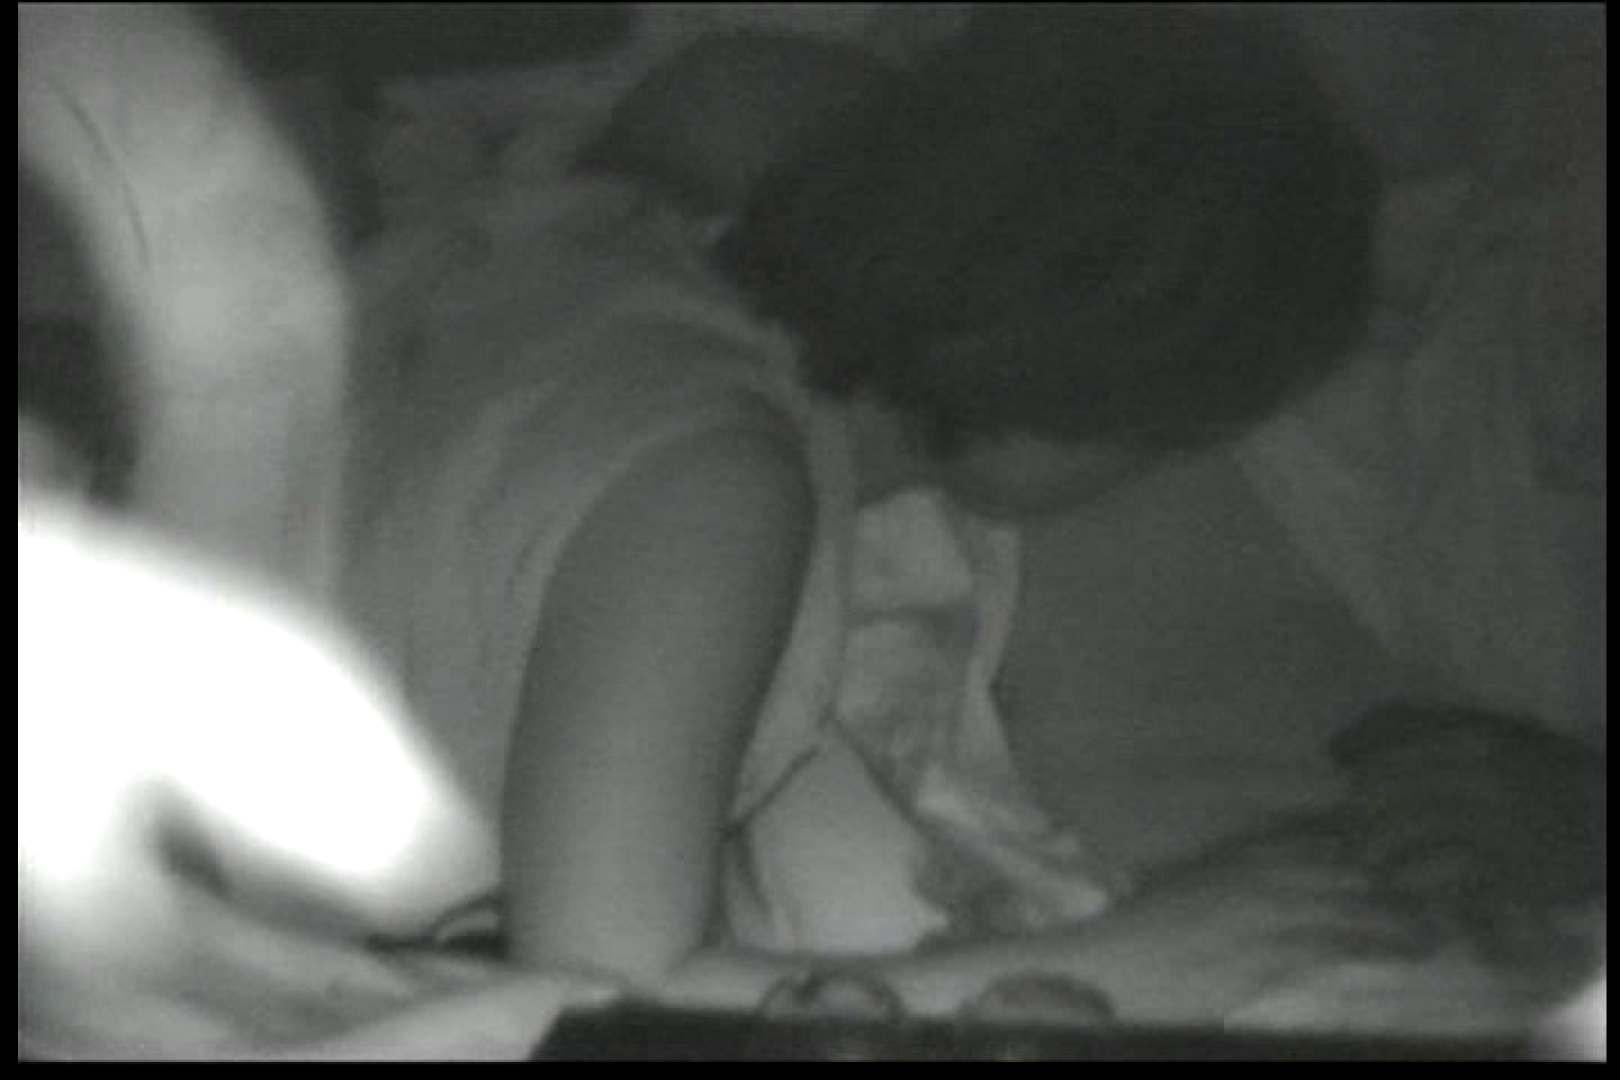 車の中はラブホテル 無修正版  Vol.12 美しいOLの裸体 盗み撮り動画キャプチャ 87pic 50